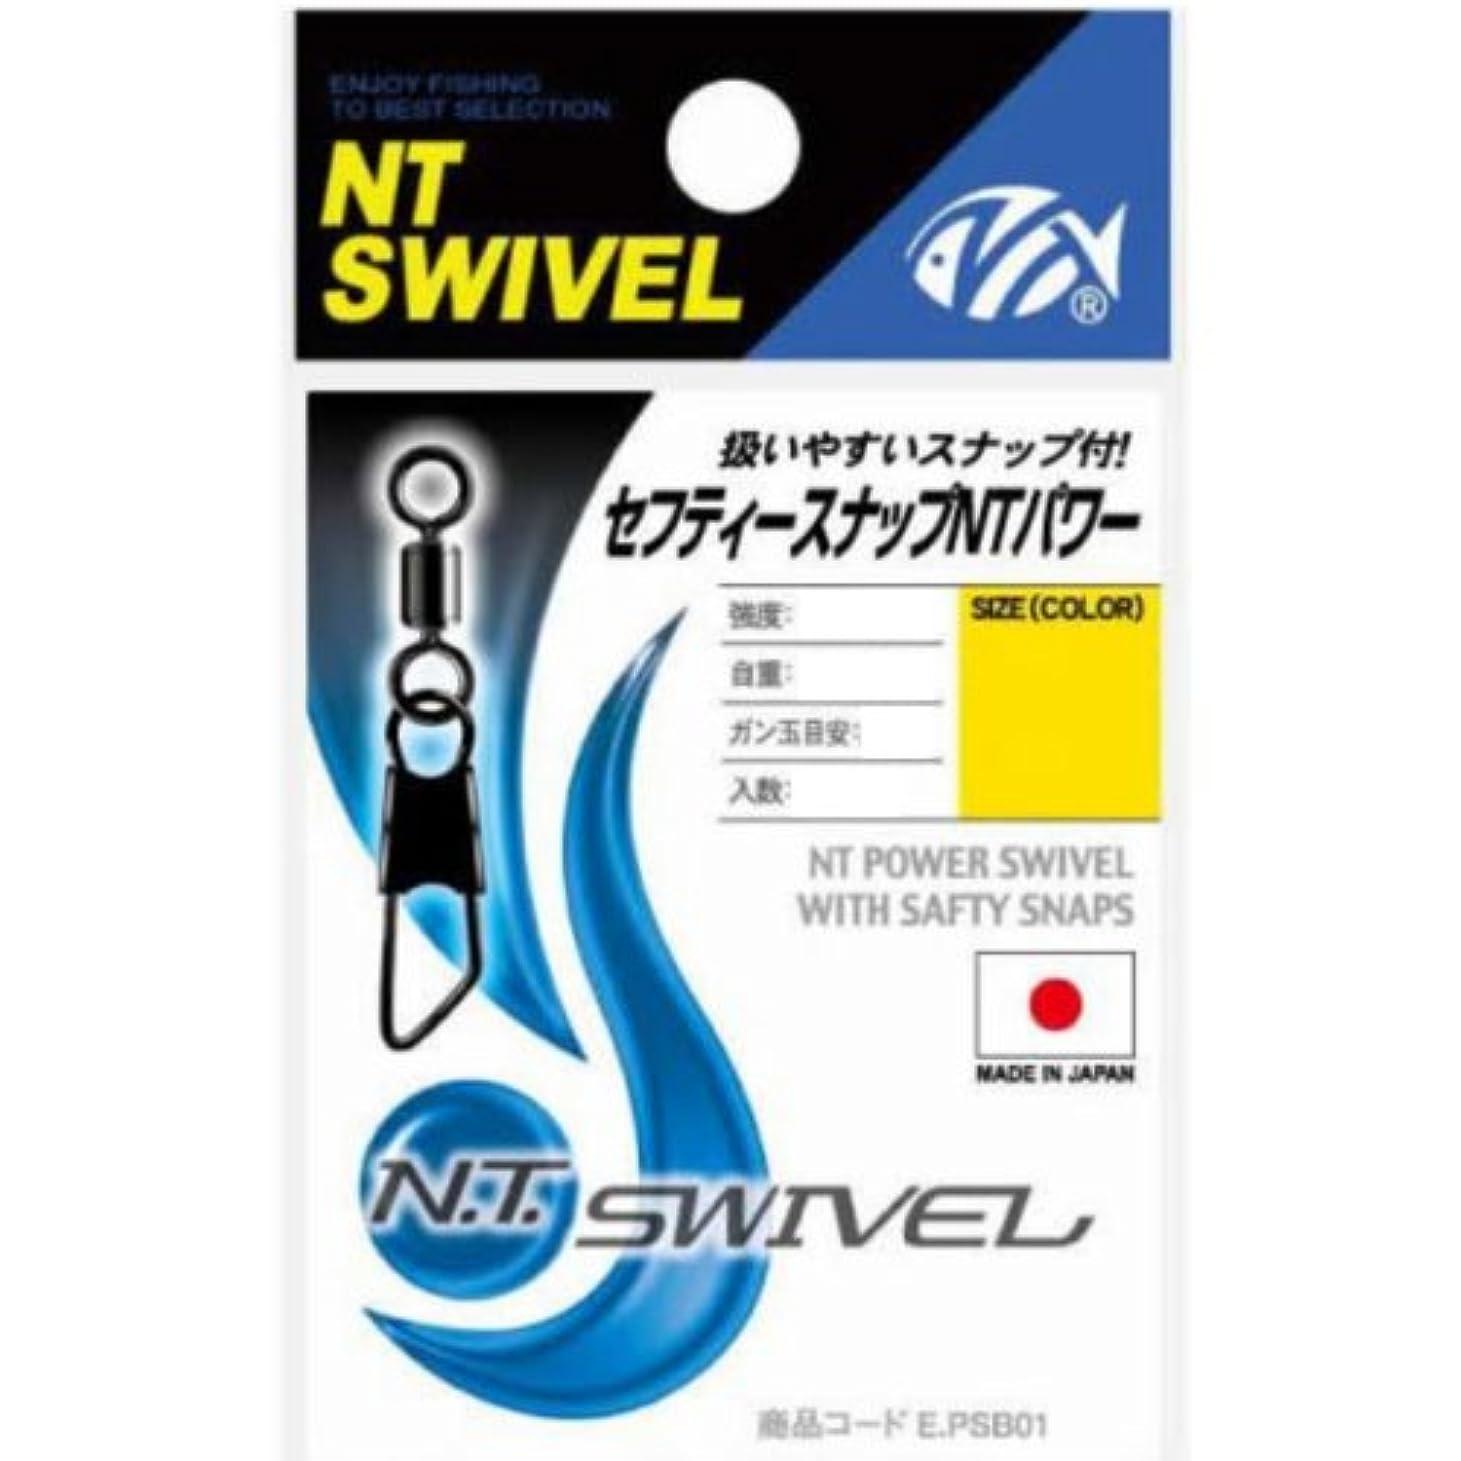 密度金貸し同化するNTスイベル(N.T.SWIVEL) セフティースナップNTパワー クロ #1